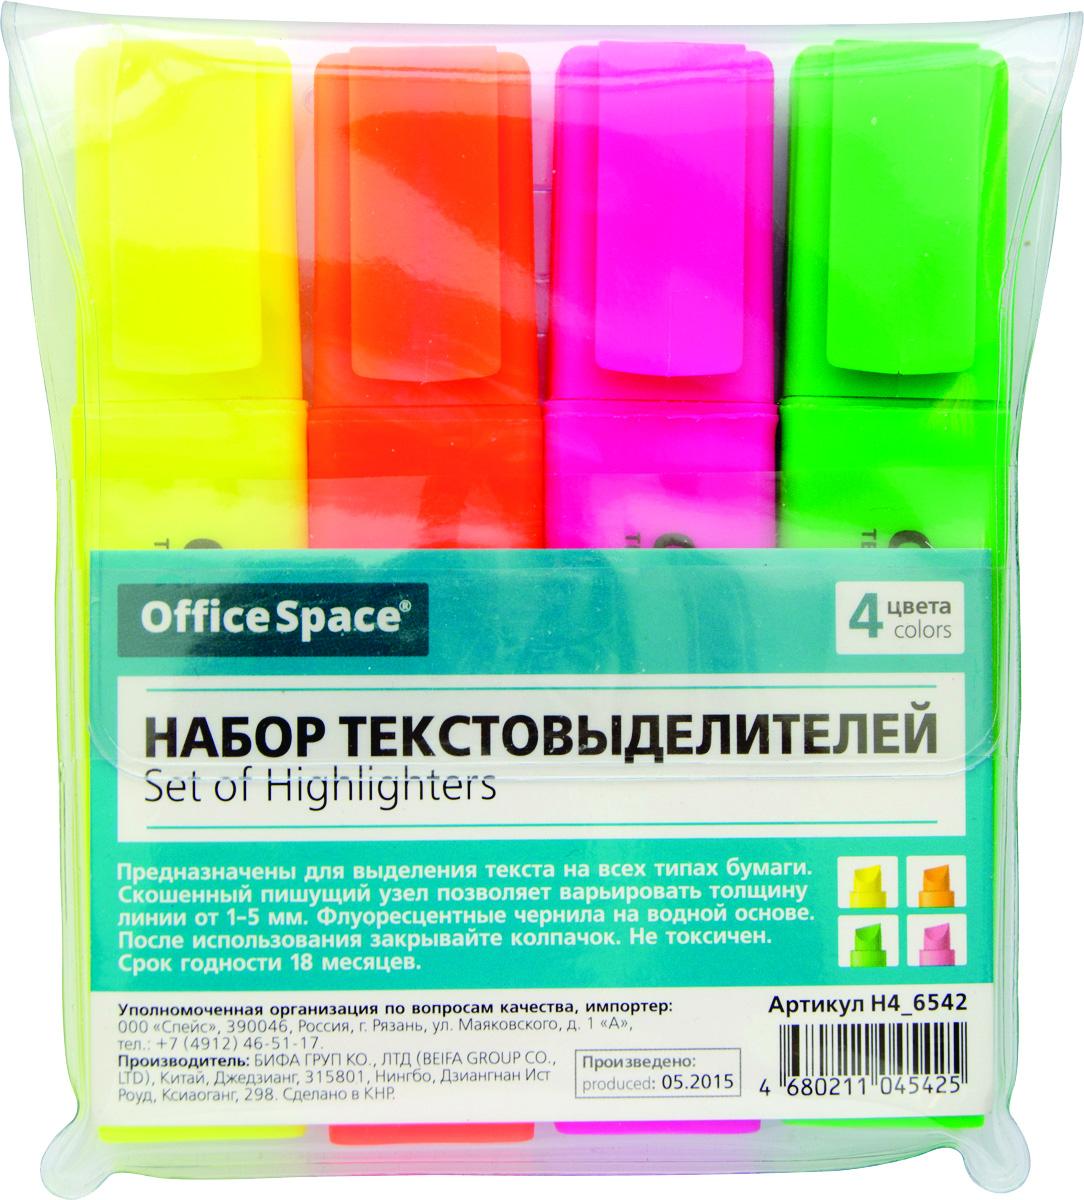 OfficeSpace Набор текстовыделителей 4 цвета H4_6542H4_6542Набор текстовыделителей OfficeSpace предназначен для выделения текста на всех типах бумаги. Толщина линии 1-4 мм. Флуоресцентные чернила на водной основе. Набор упакован в ПВХ чехол. В наборе 4 цвета: желтый, оранжевый, розовый, зеленый. Хранить с закрытым колпачком.